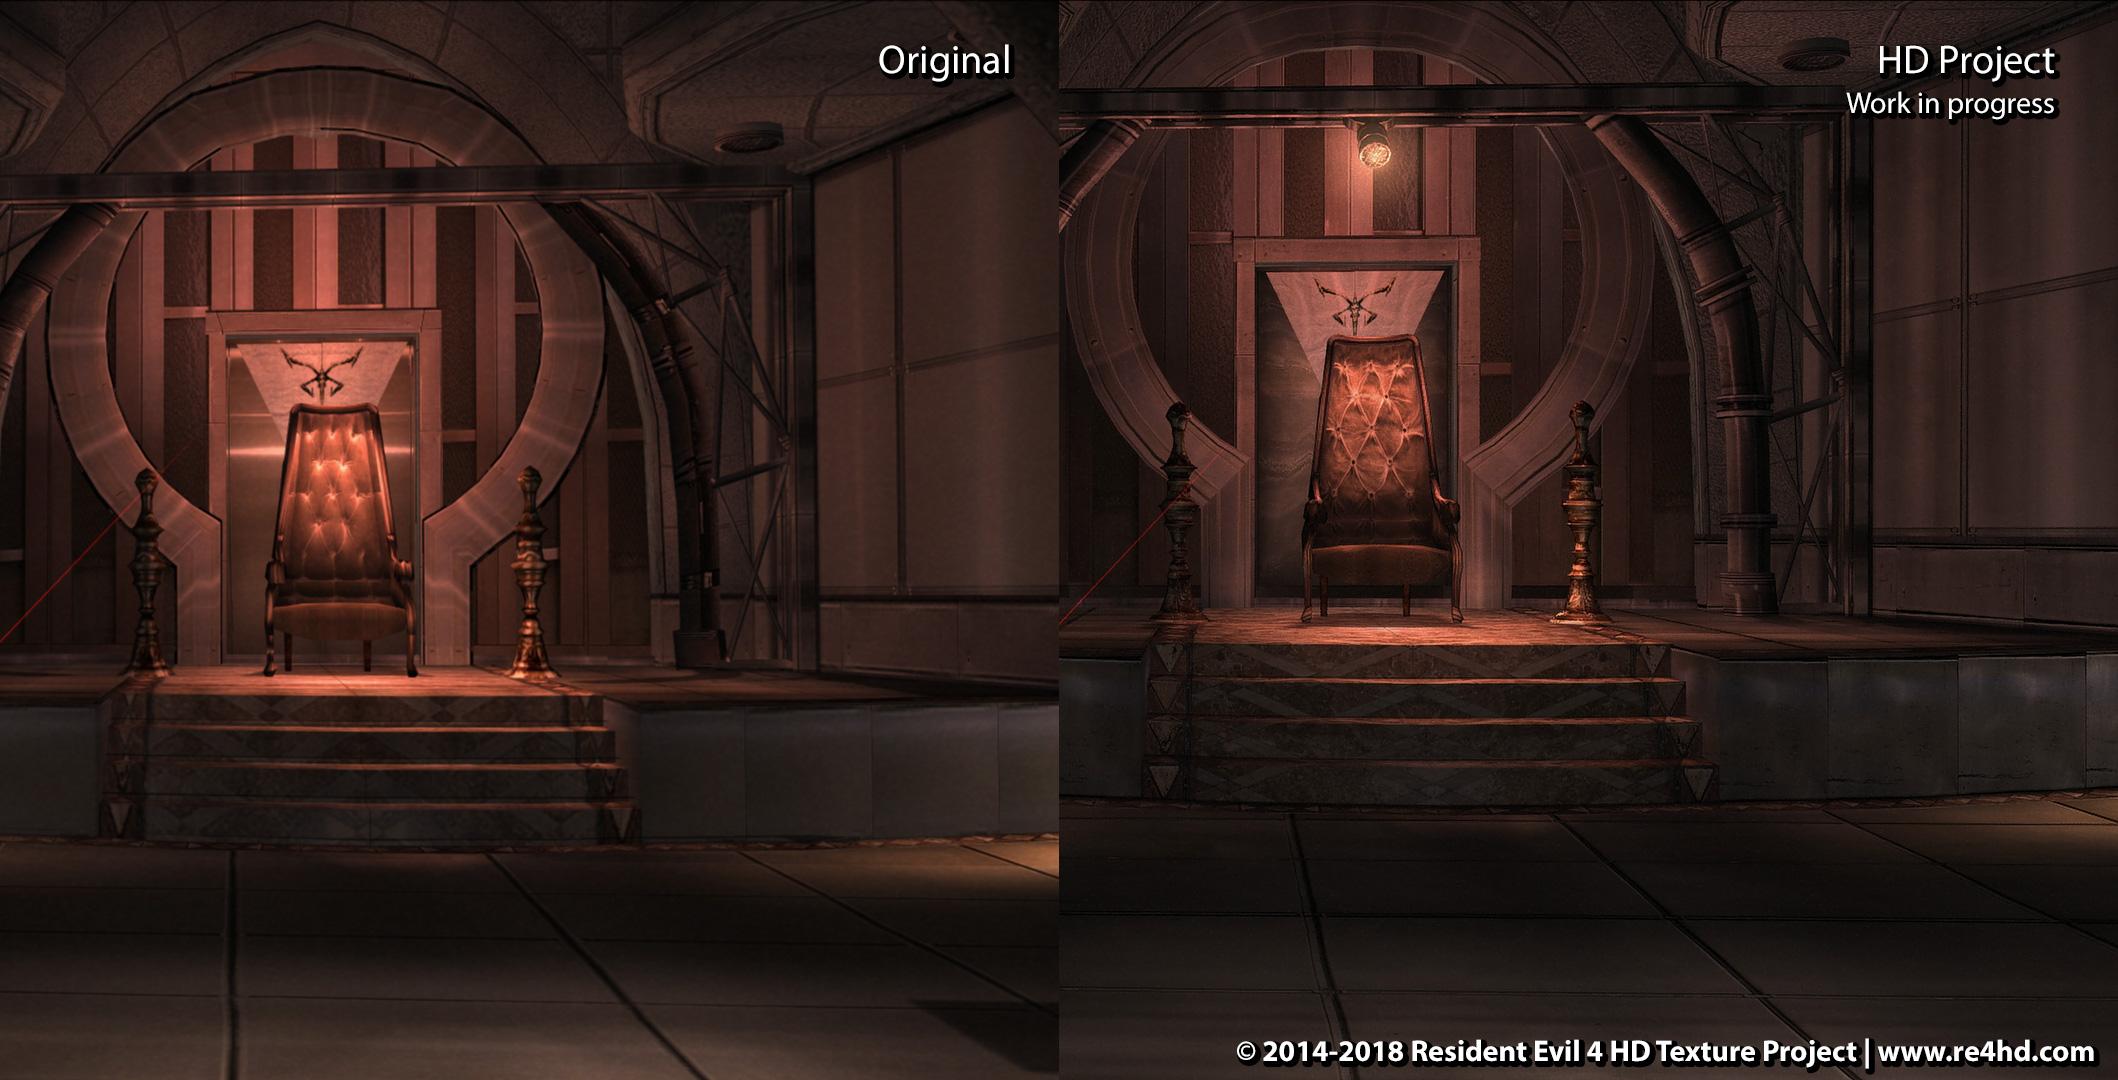 Resident Evil 4 HD Project segue firme e promete um jogo melhor no PC